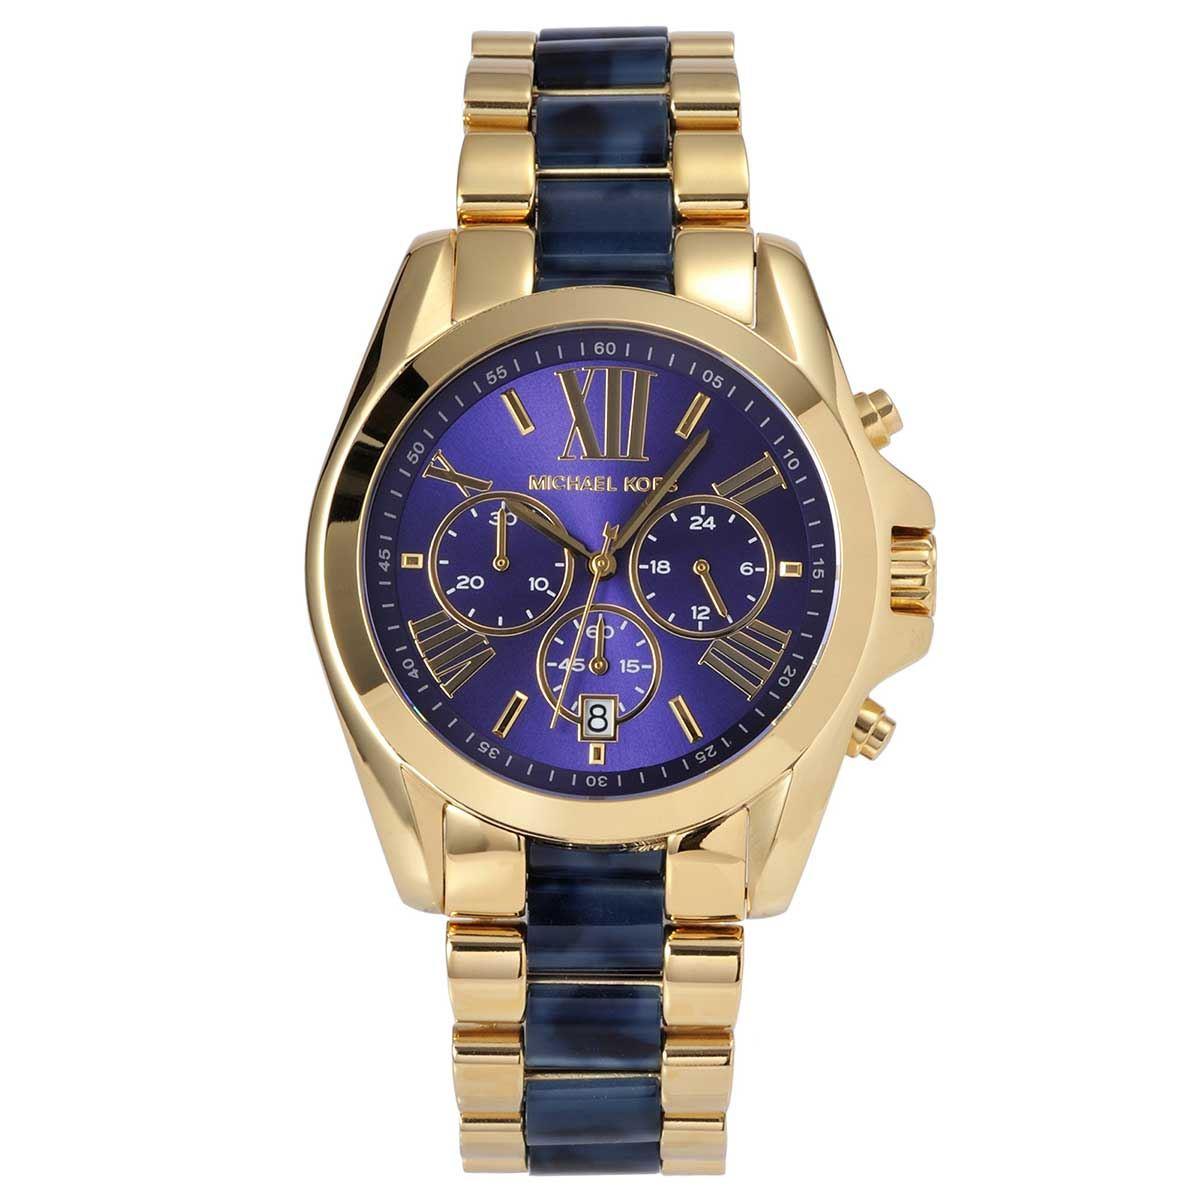 ad977904689d Details about Michael Kors MK6268 Bradshaw Blue Dial Chronograph Men s Watch